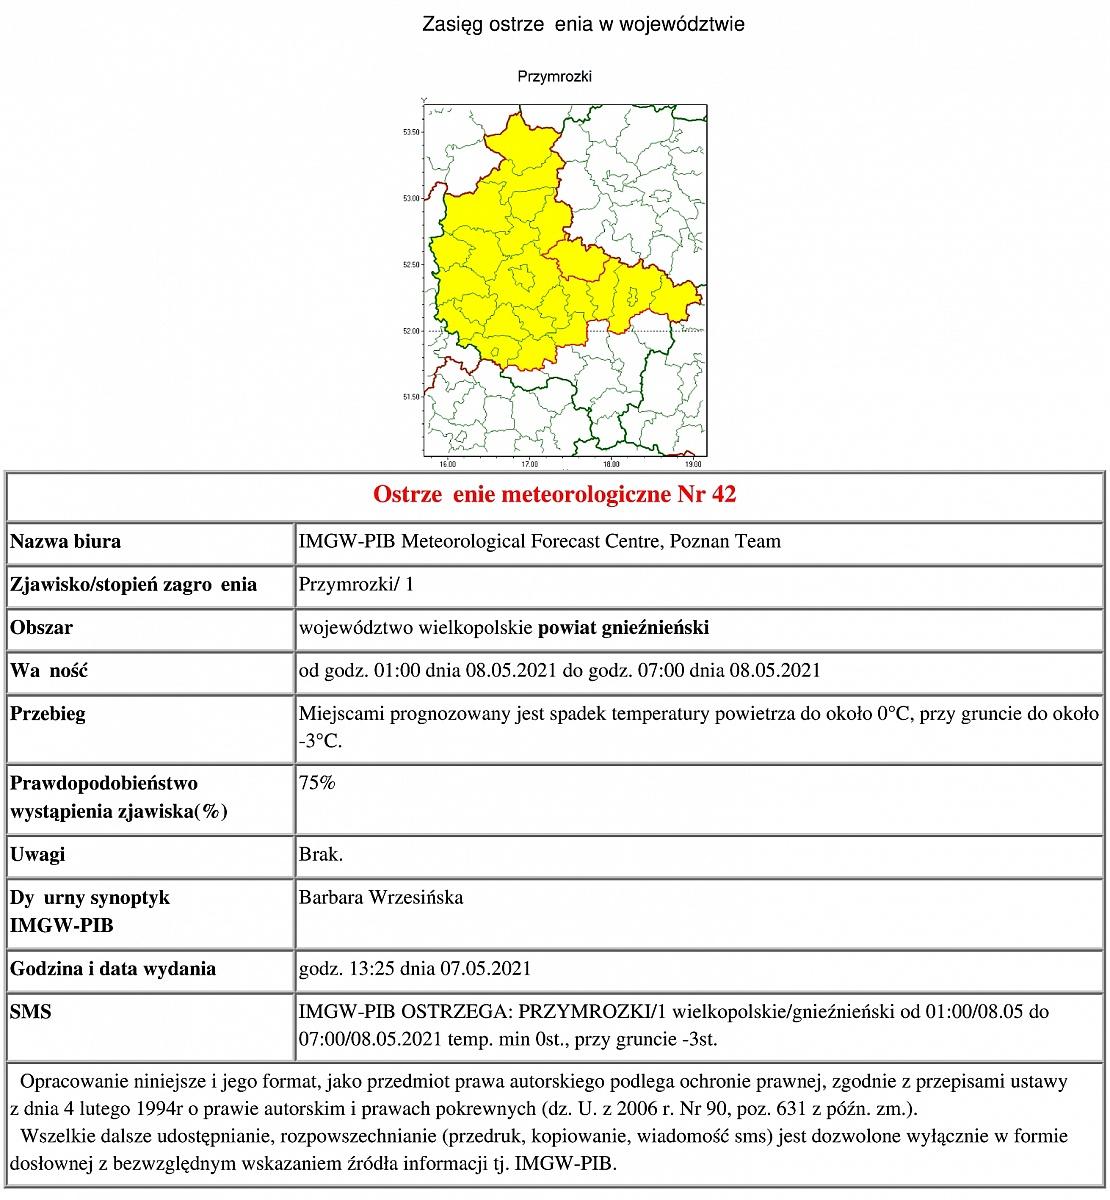 Ostrzeżenie meteorologiczne: przymrozki